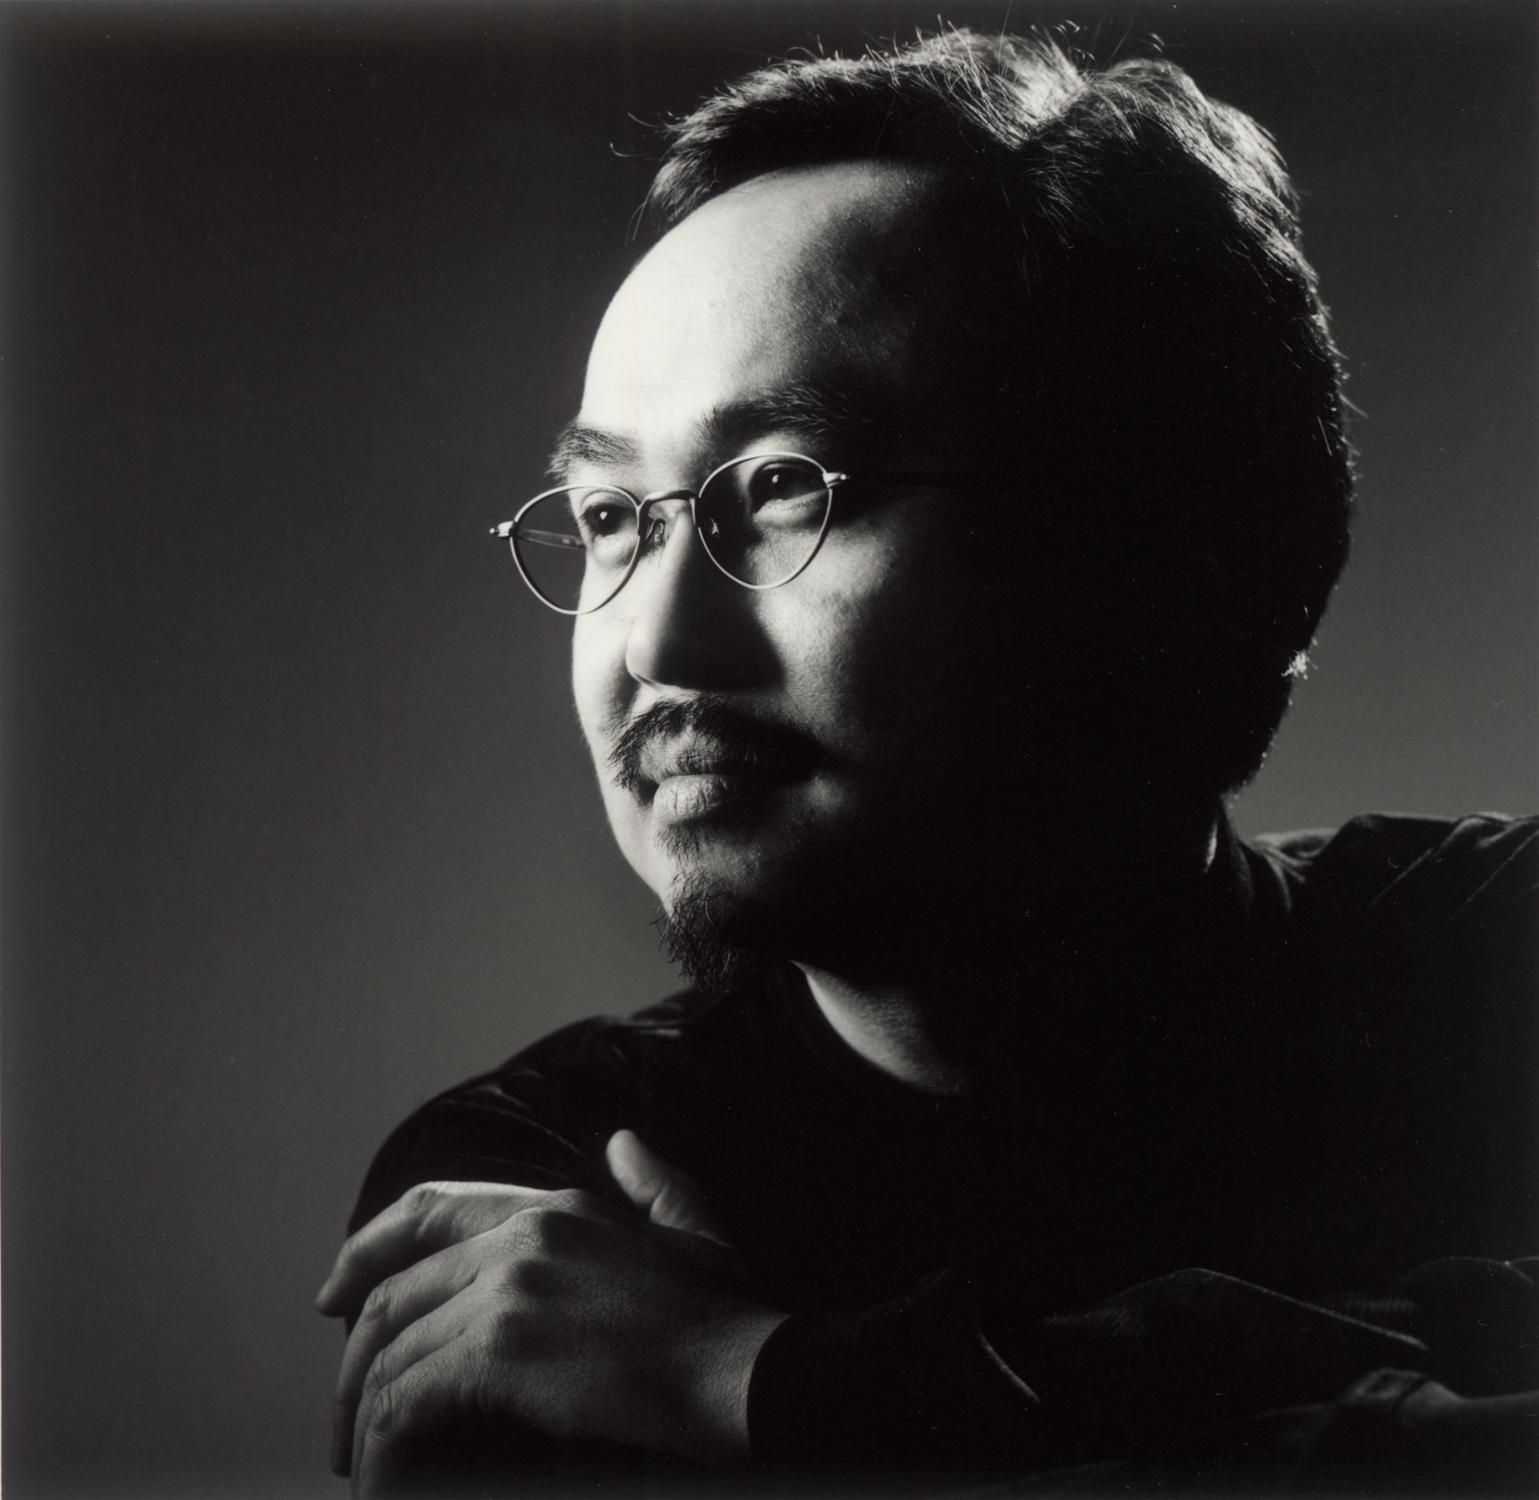 Nghệ sĩ nhân dân Đặng Thái Sơn cũng đã tập MP ngay từ nhỏ